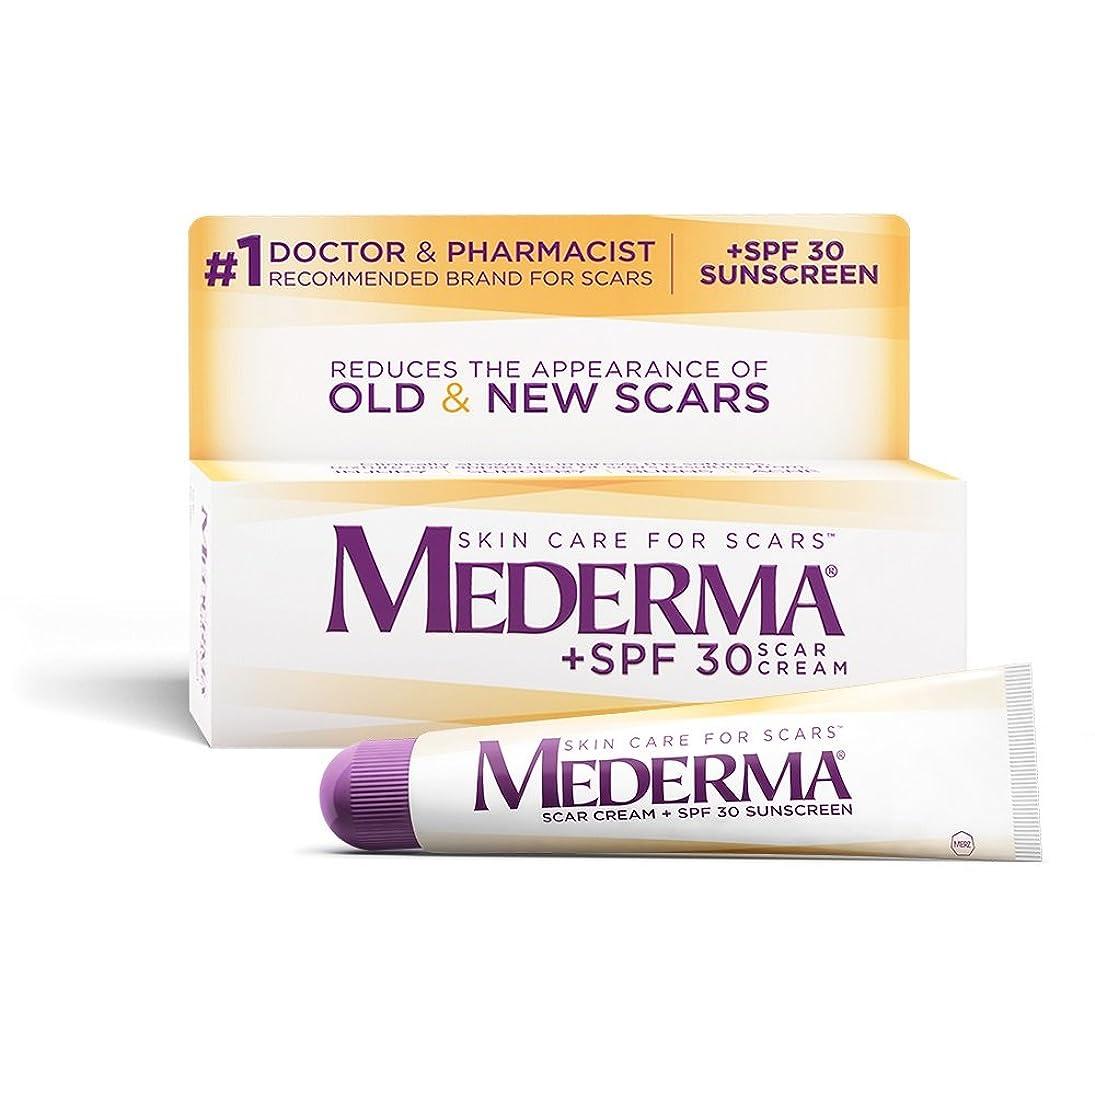 取得する分析的緩めるMederma 社 日焼け止め成分SPF30配合 メドロマ(メデルマ) 1本 20g Mederma Scar Cream Plus SPF 30